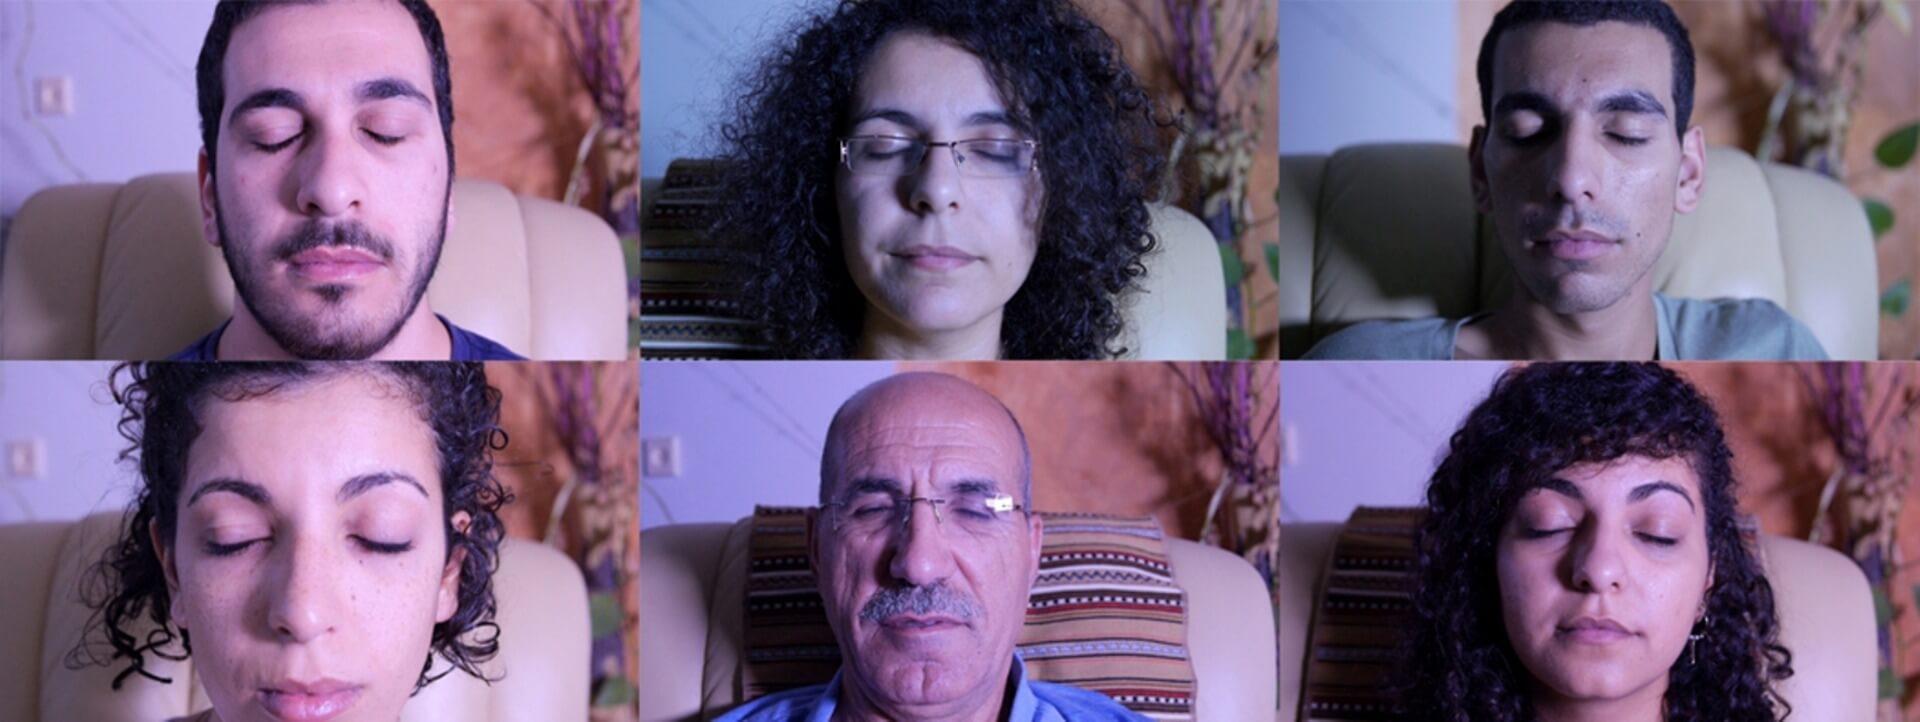 רנא אבו פריחה, שאריות, 2015